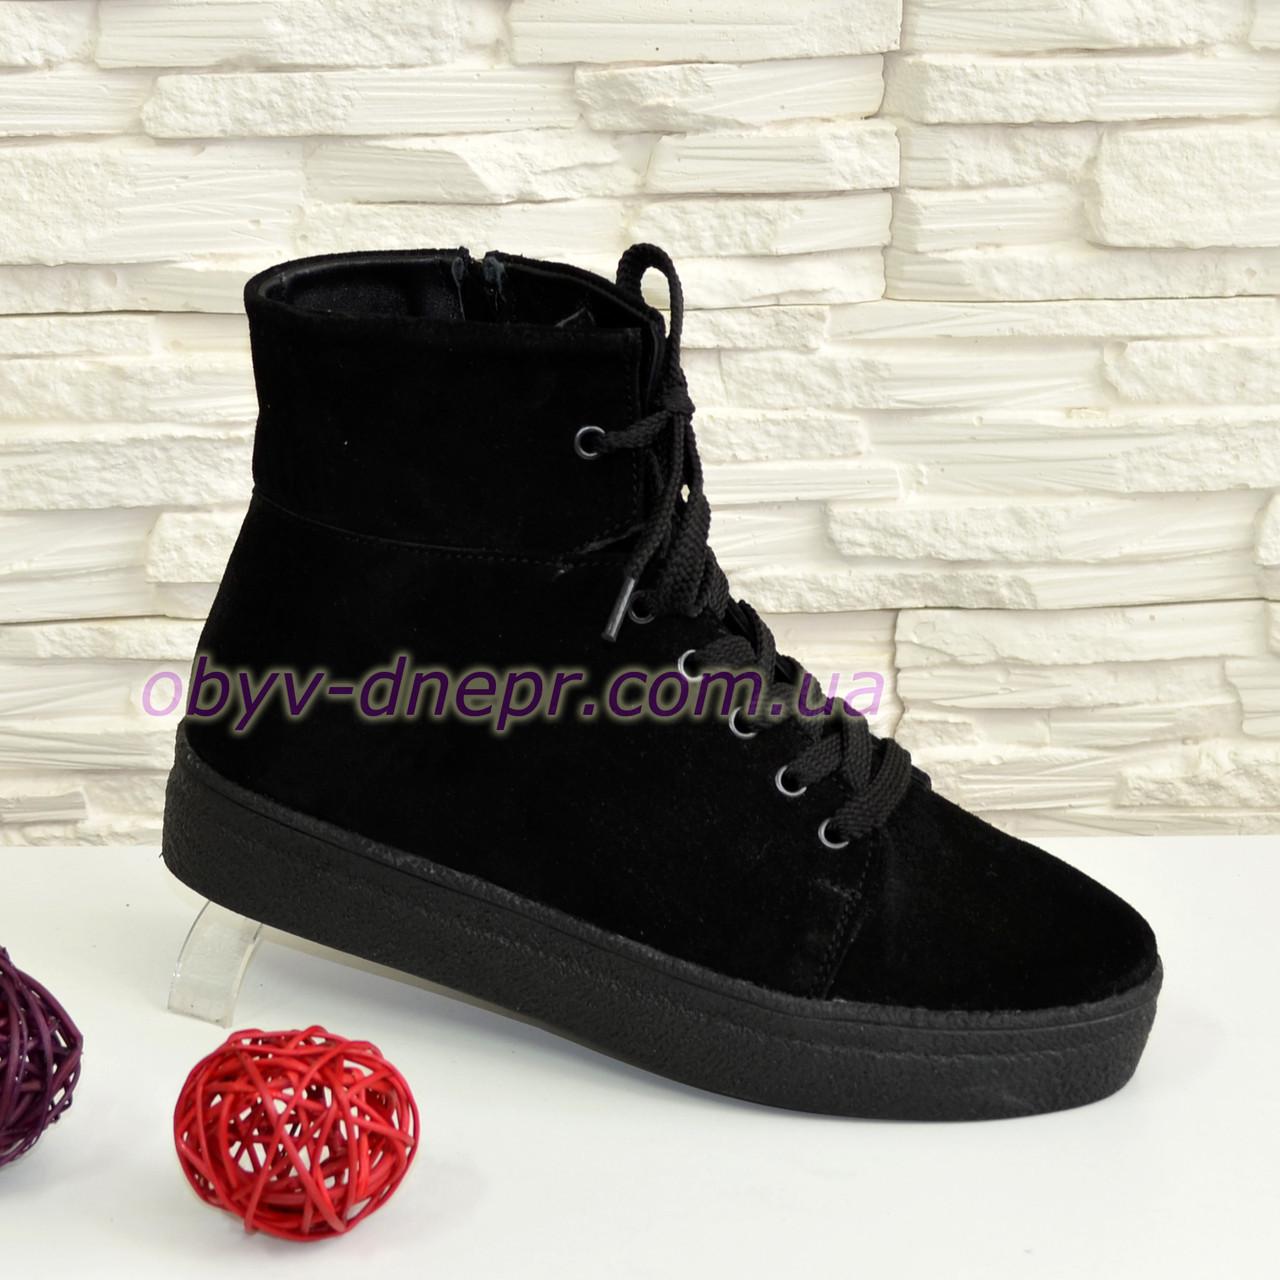 Женские зимние черные замшевые ботинки на утолщенной подошве